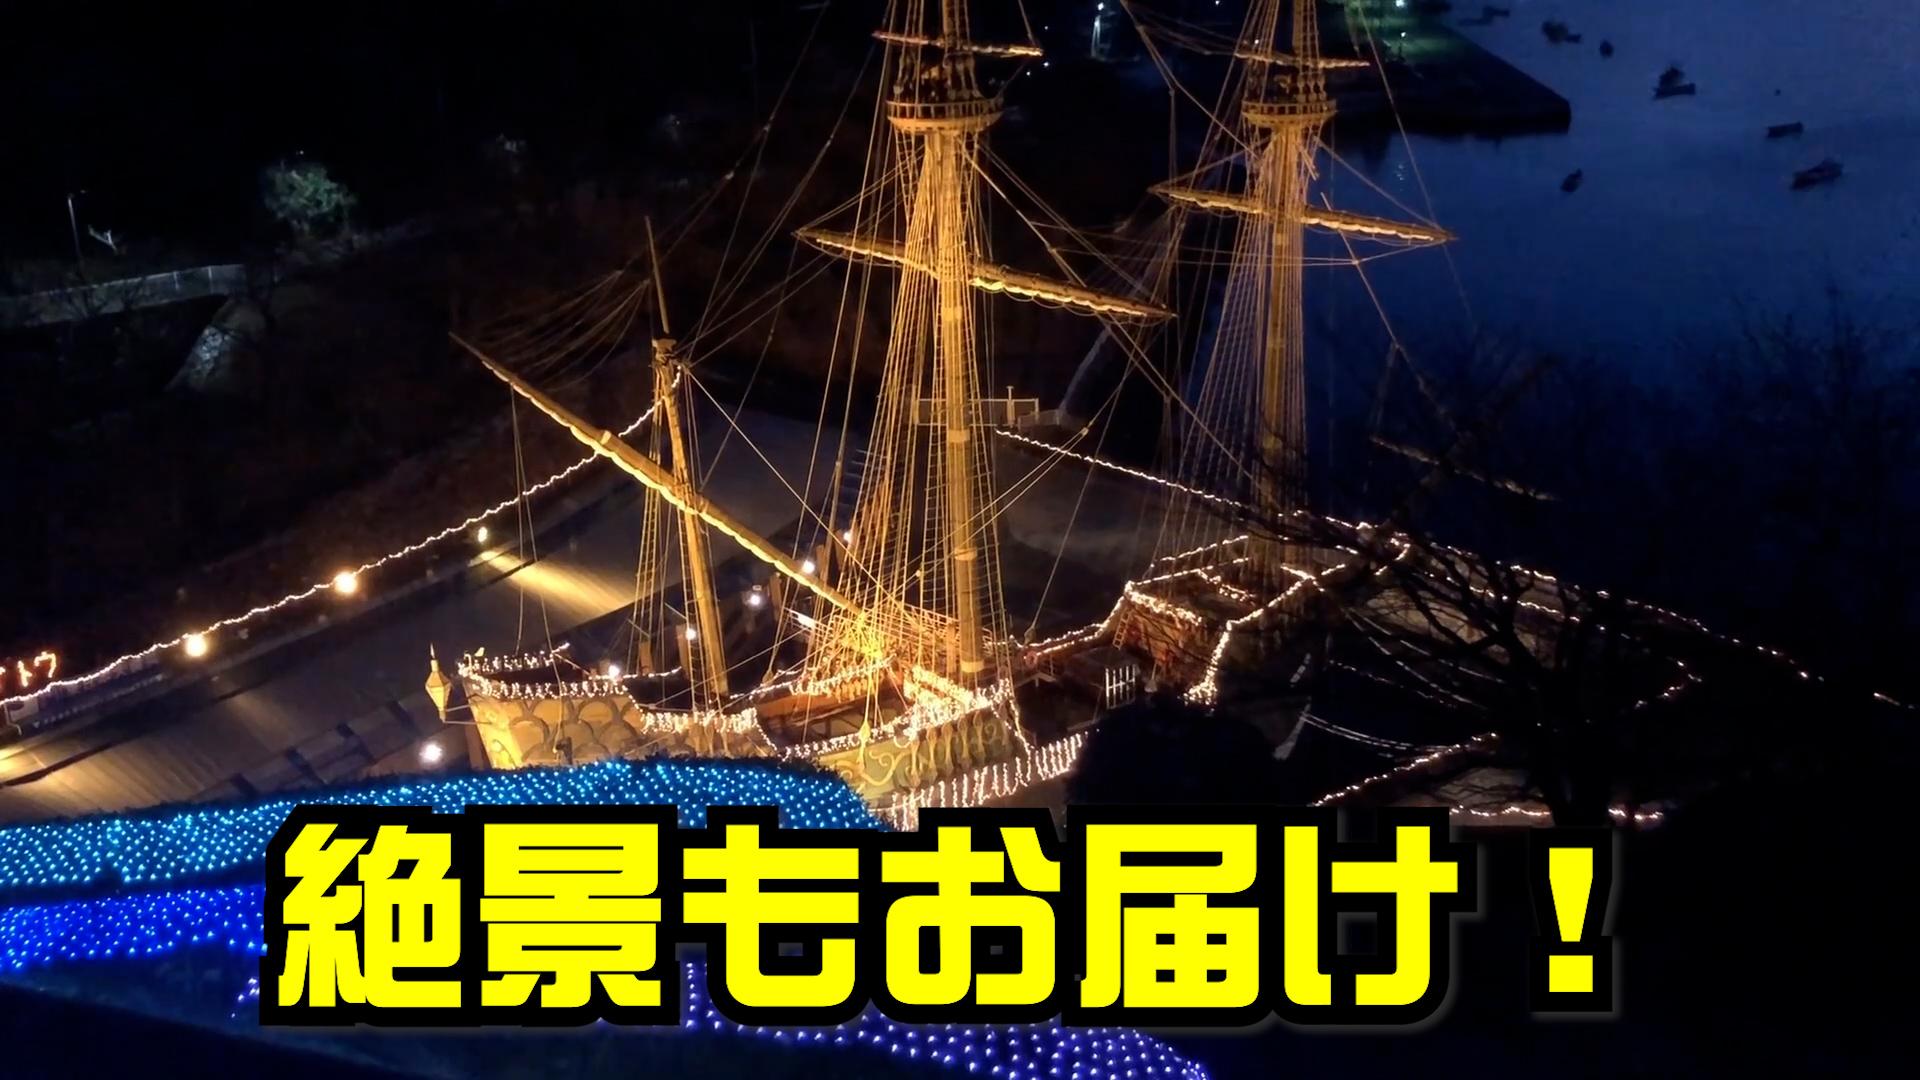 【アンコール配信】石巻エリア新春爆笑開運オンラインツアー2021.1.11